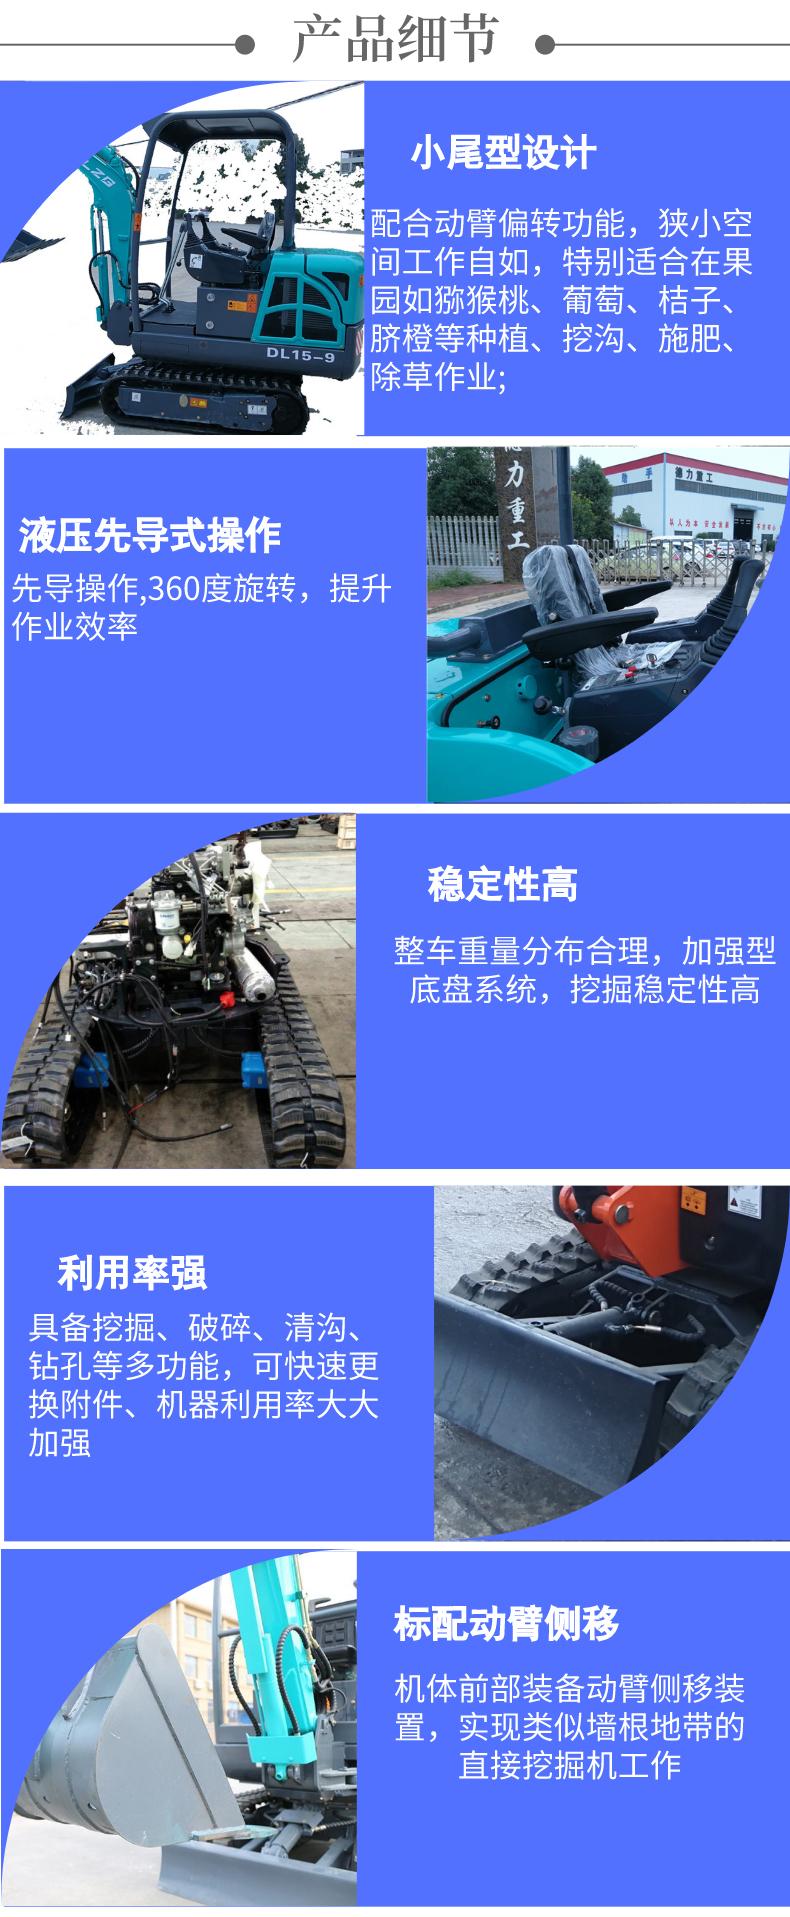 德力小型挖掘機DL15-9